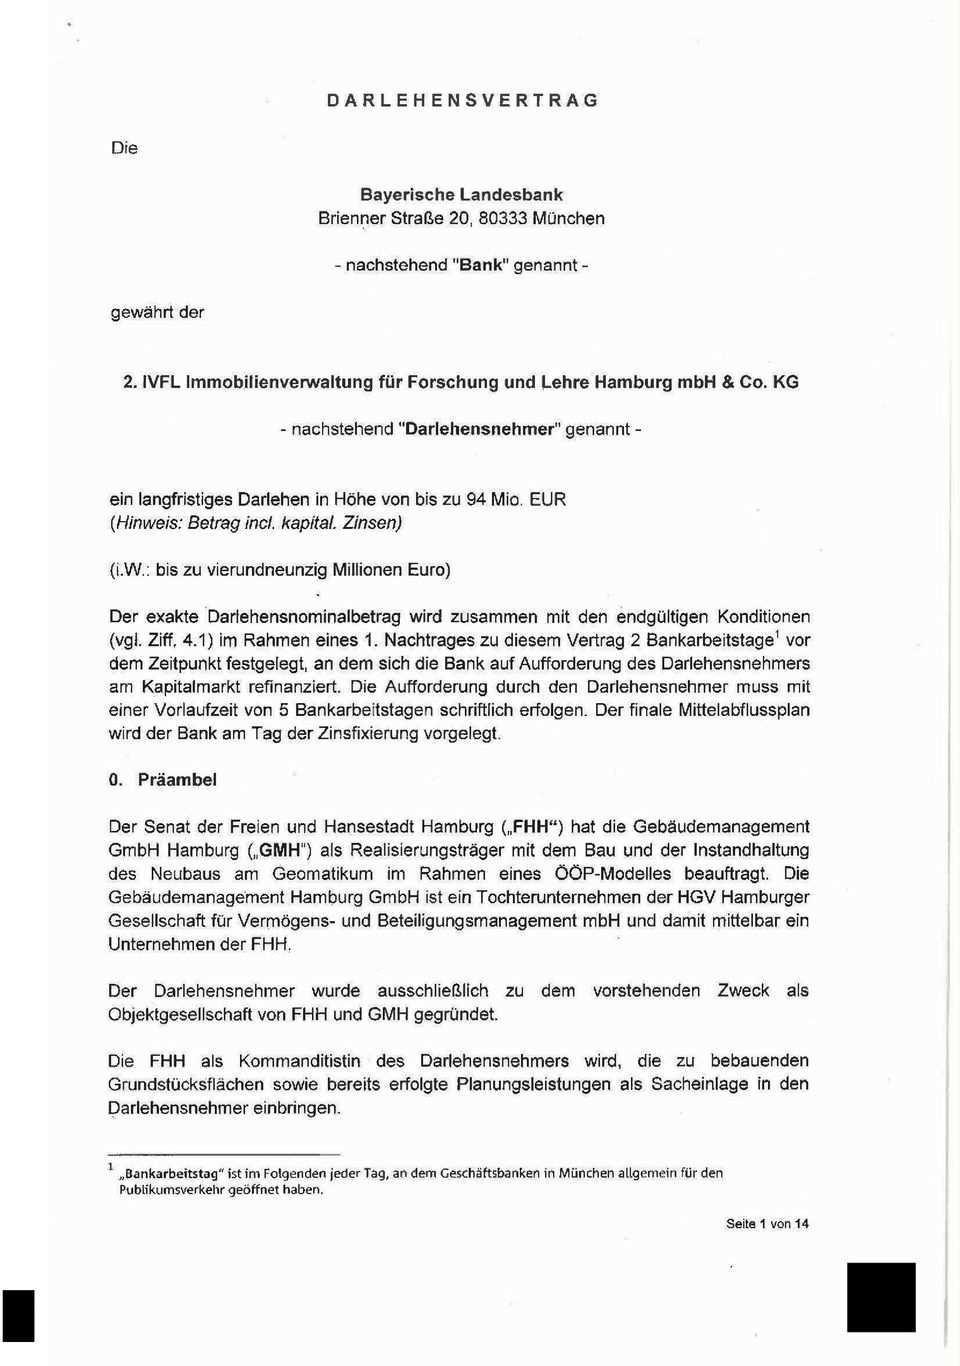 Darlehensvertrag Bayerische Landesbank Brienner Strasse 20 Munchen Nachstehend Bank Genannt Pdf Free Download